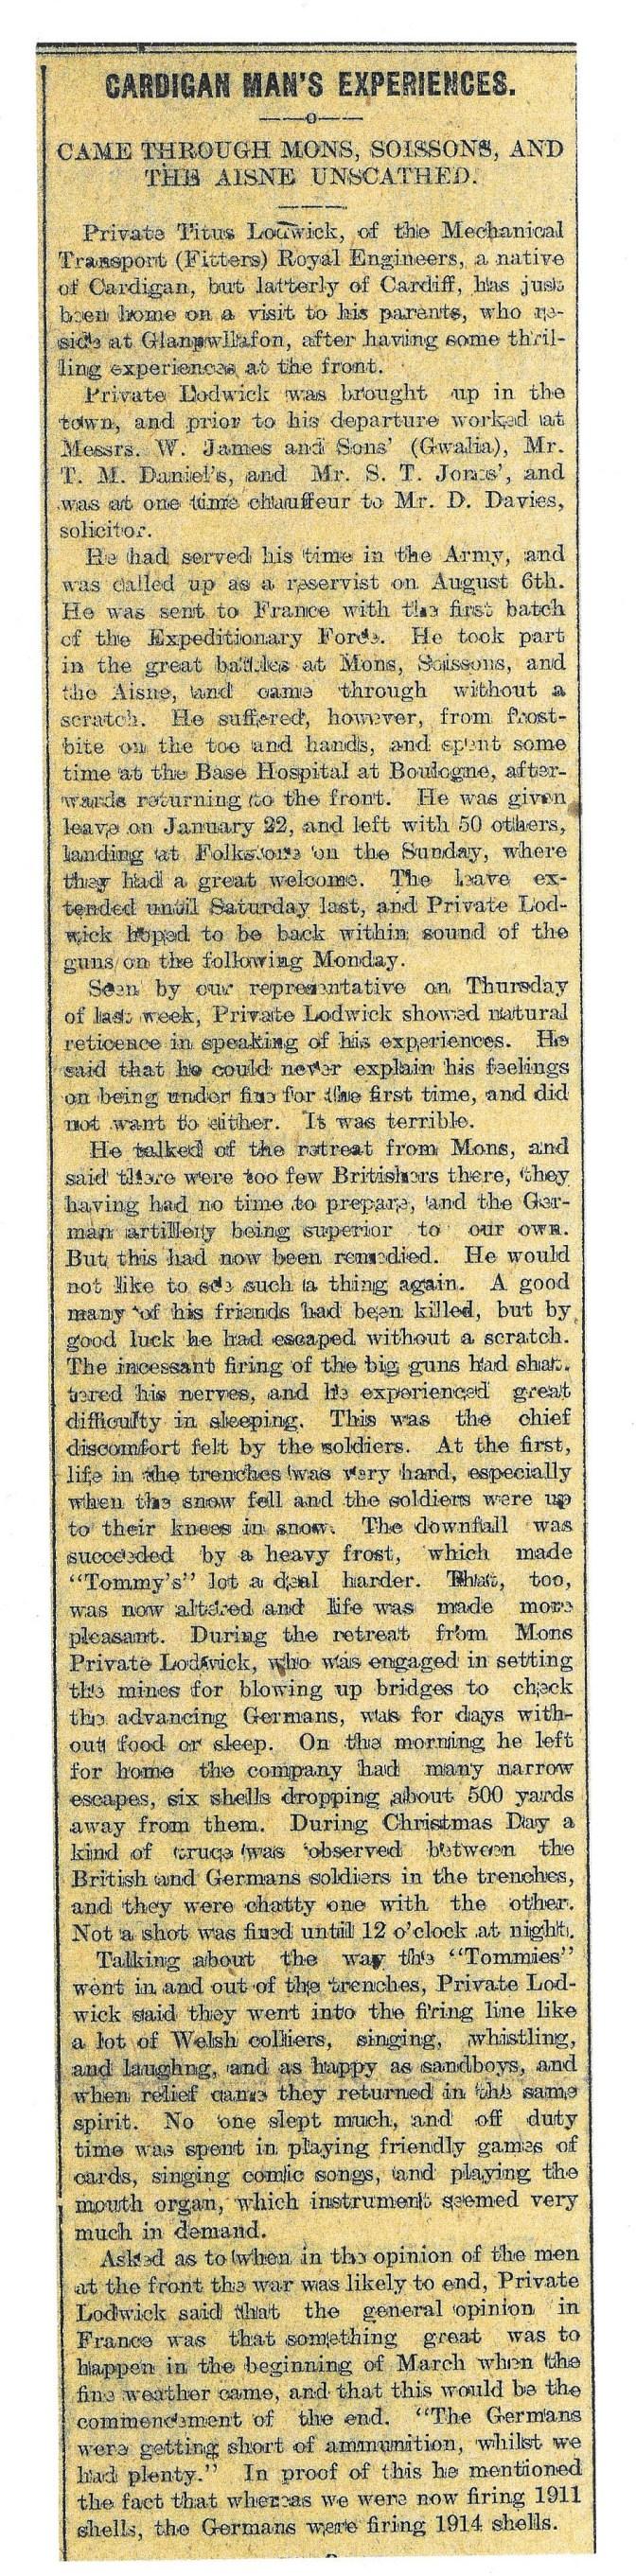 1915 WW1 week 28 Cardigan man's experiences